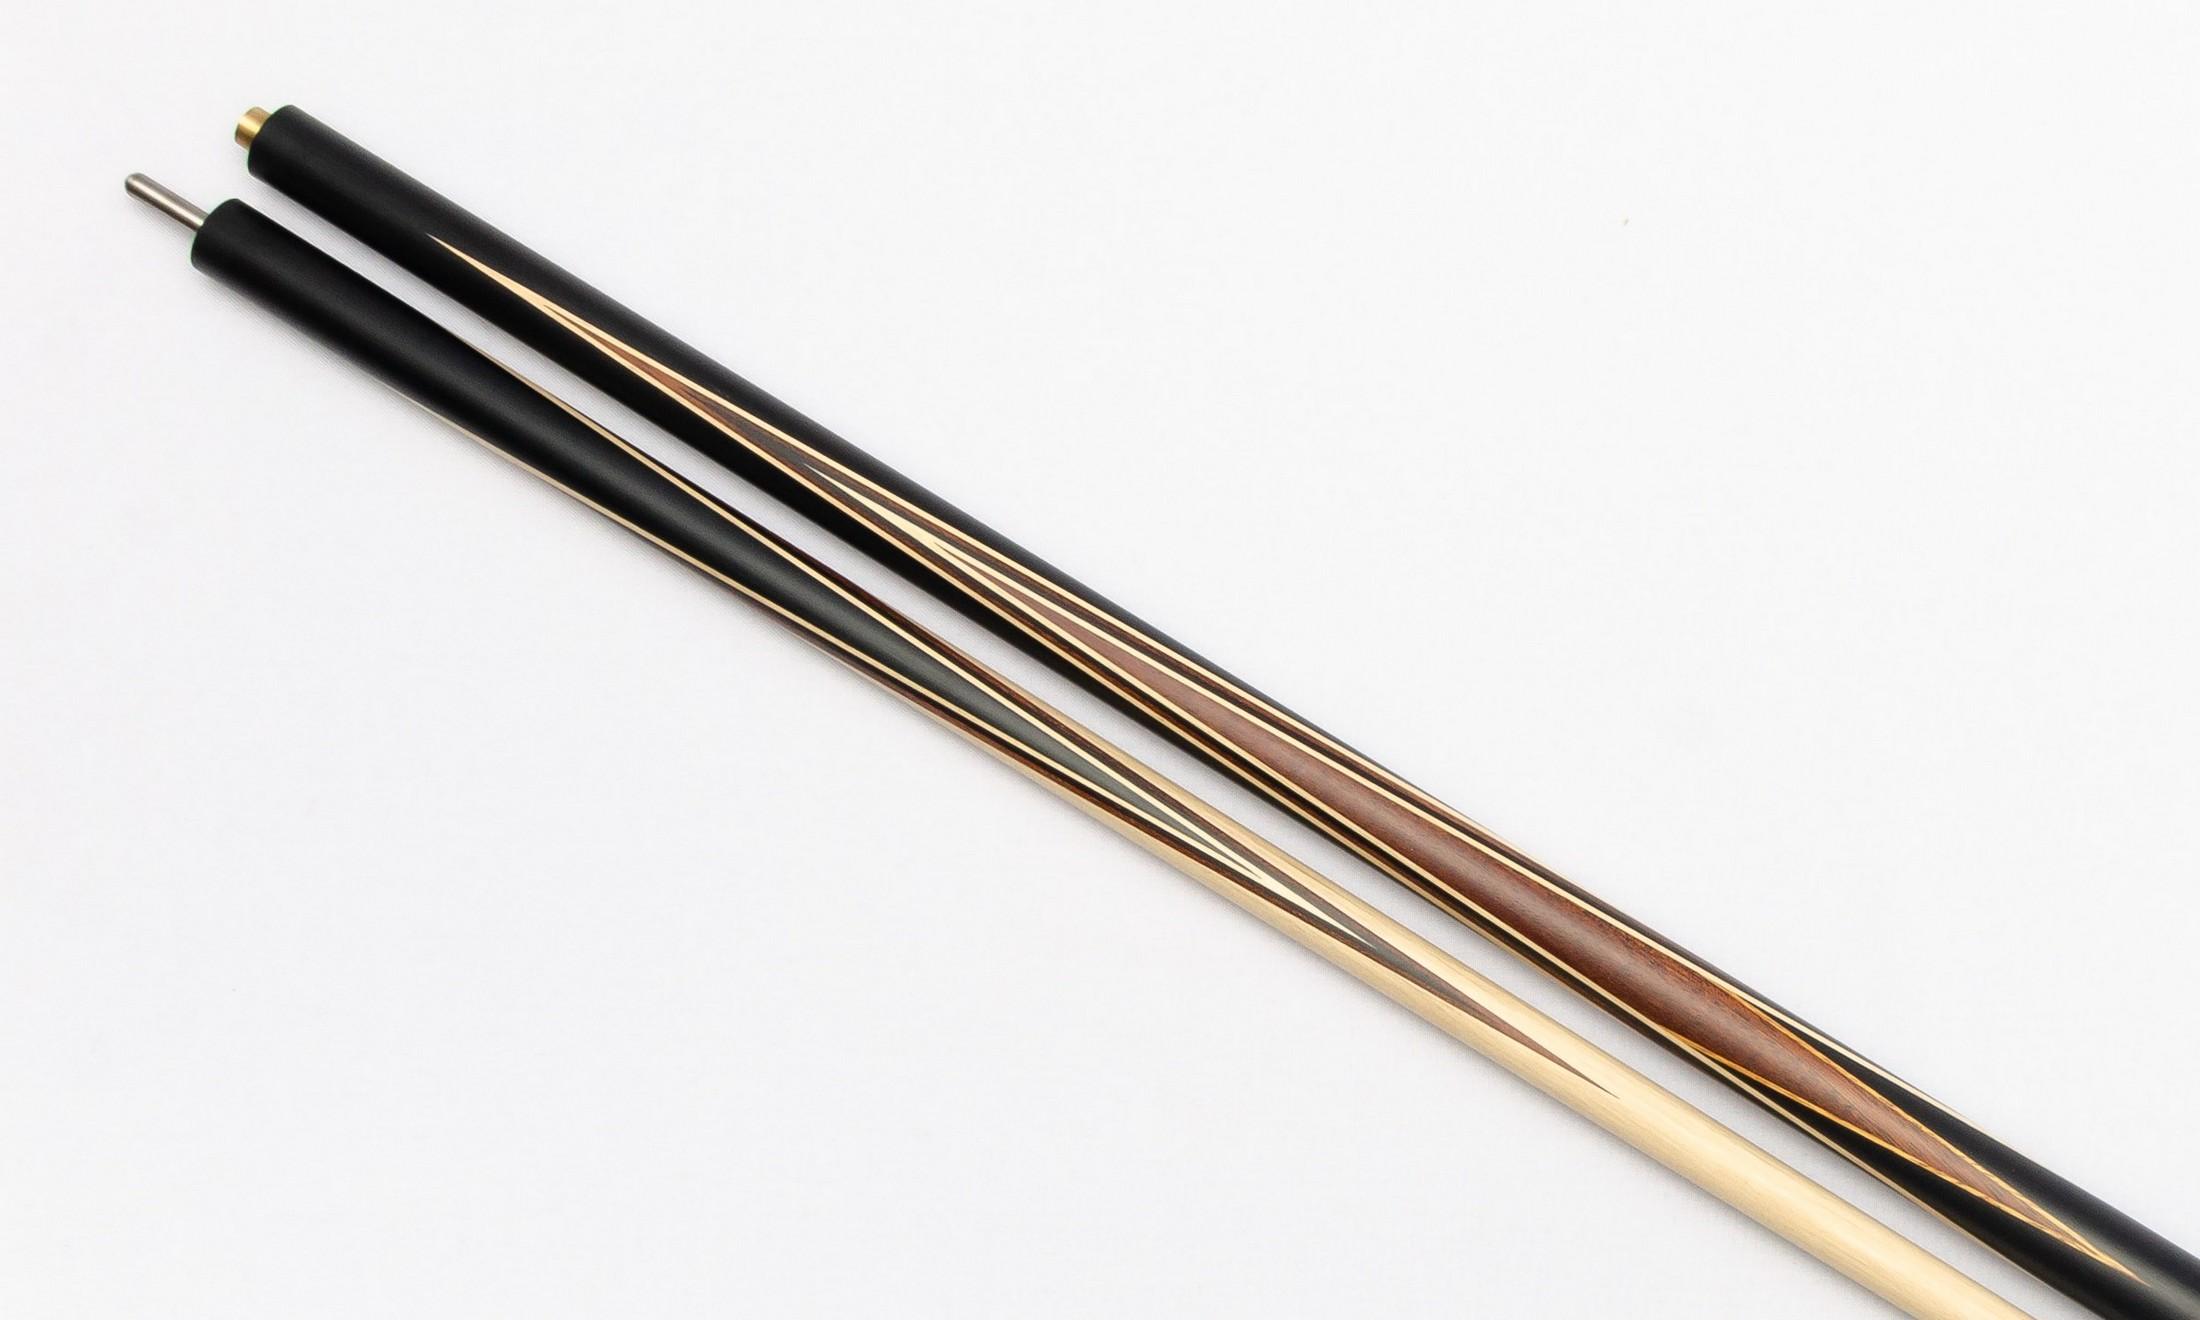 Бильярдный кий Николаенко Комбинированный Черный граб - Палисандр, длинный запил